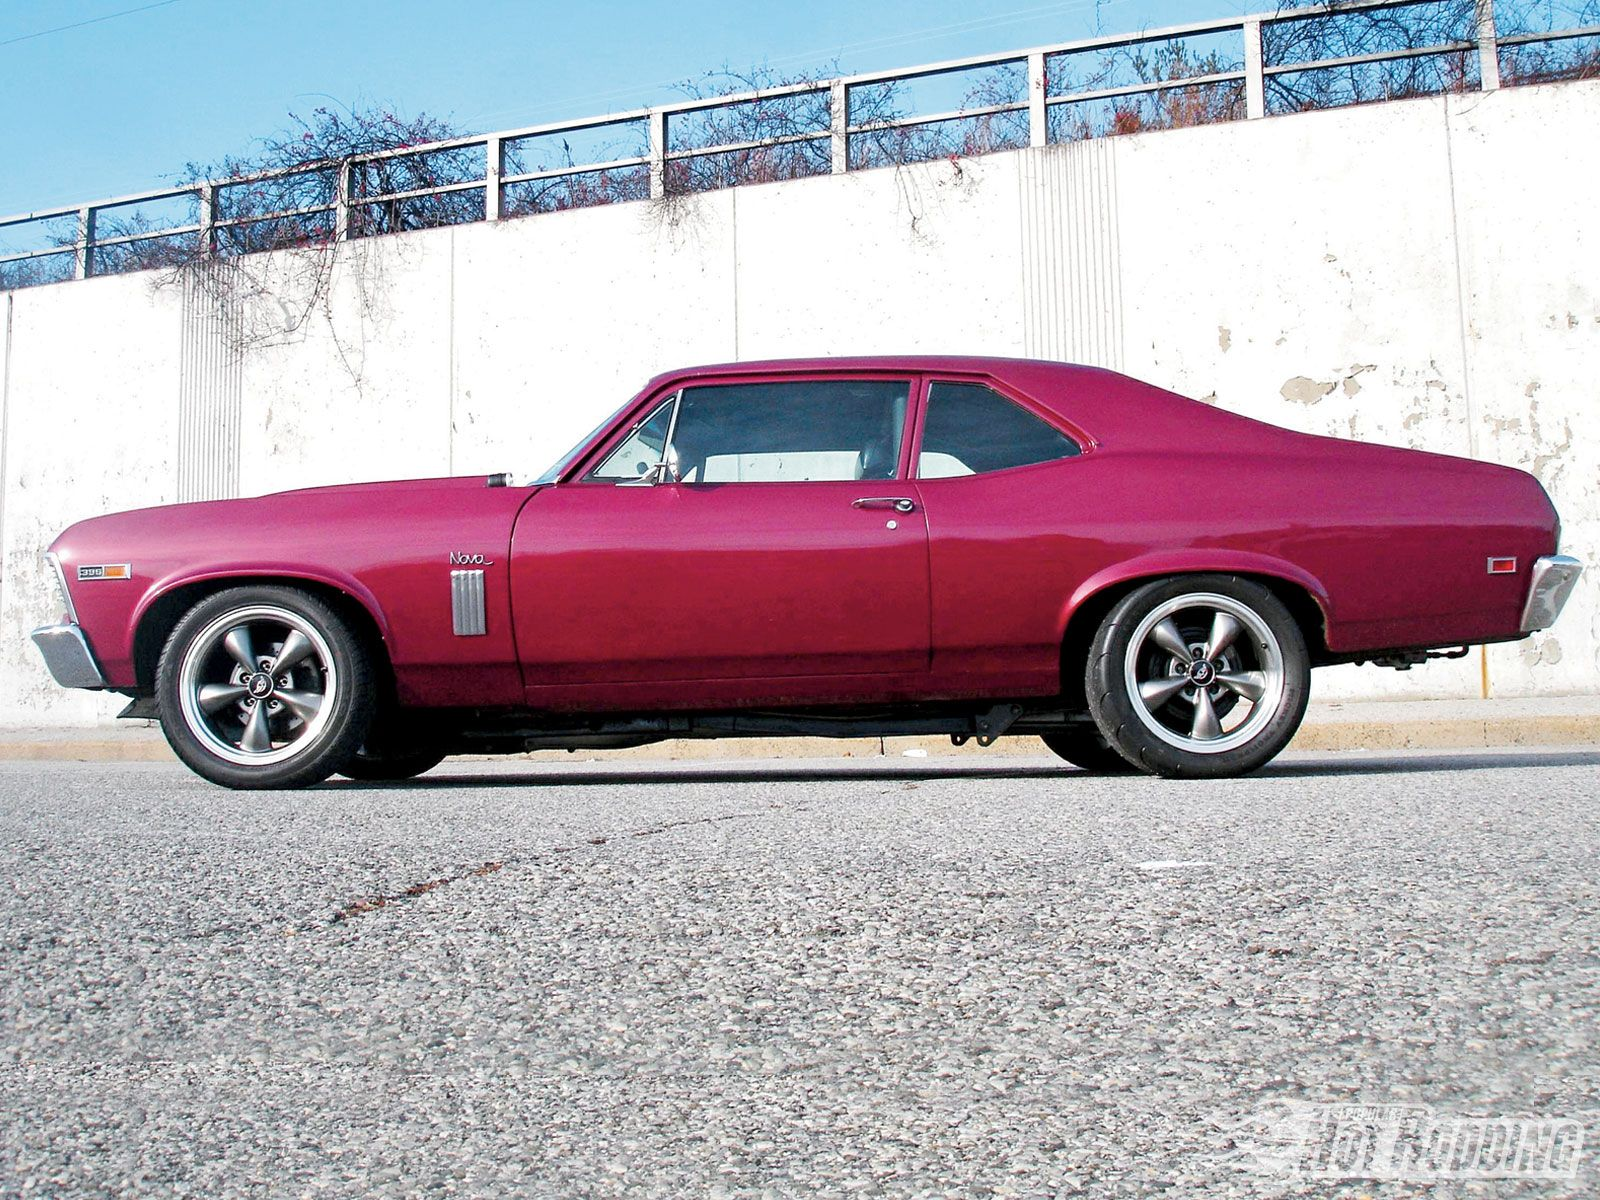 A 1969 Nova Chevy Nova Chevy Muscle Cars Chevrolet